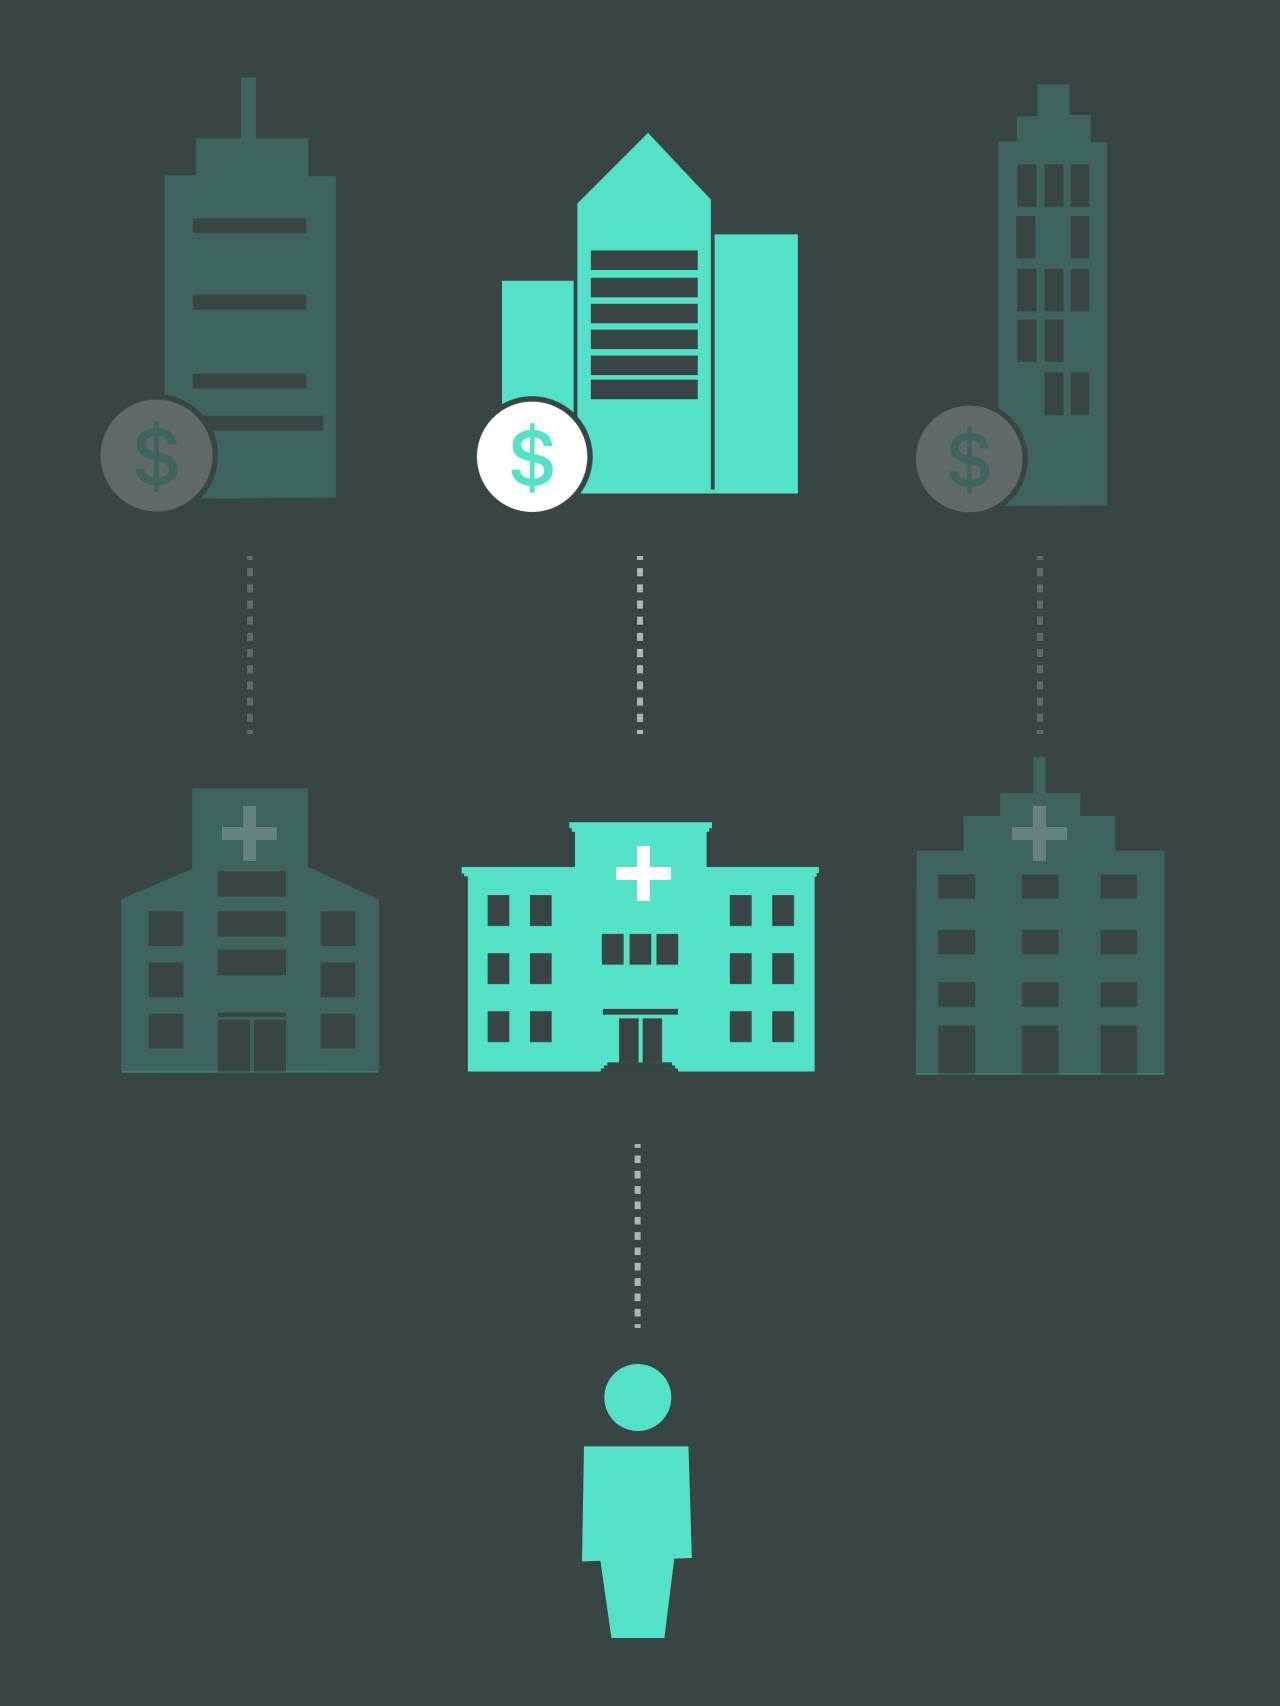 Illustrasjon av pasienten som må velge det sykehuset forsikringselskapet har i sitt nettverk.